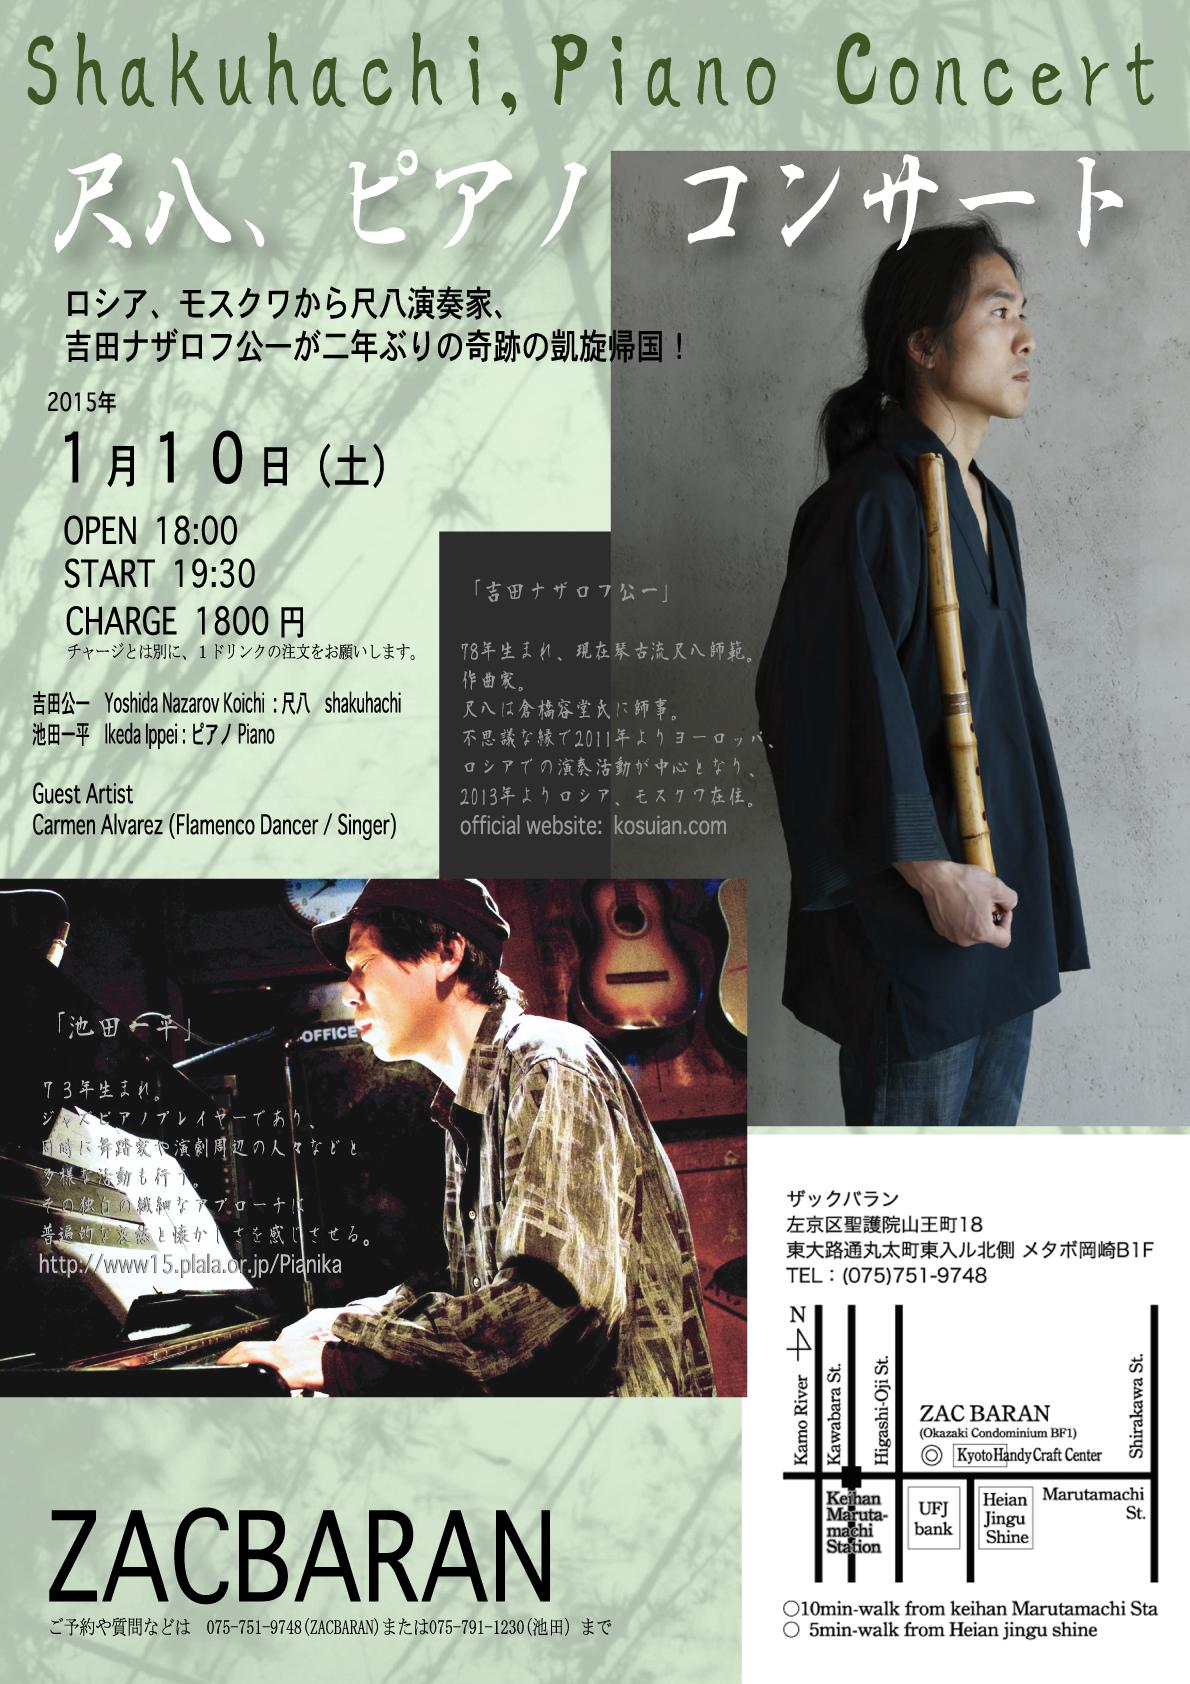 shakuhachipiano january concert